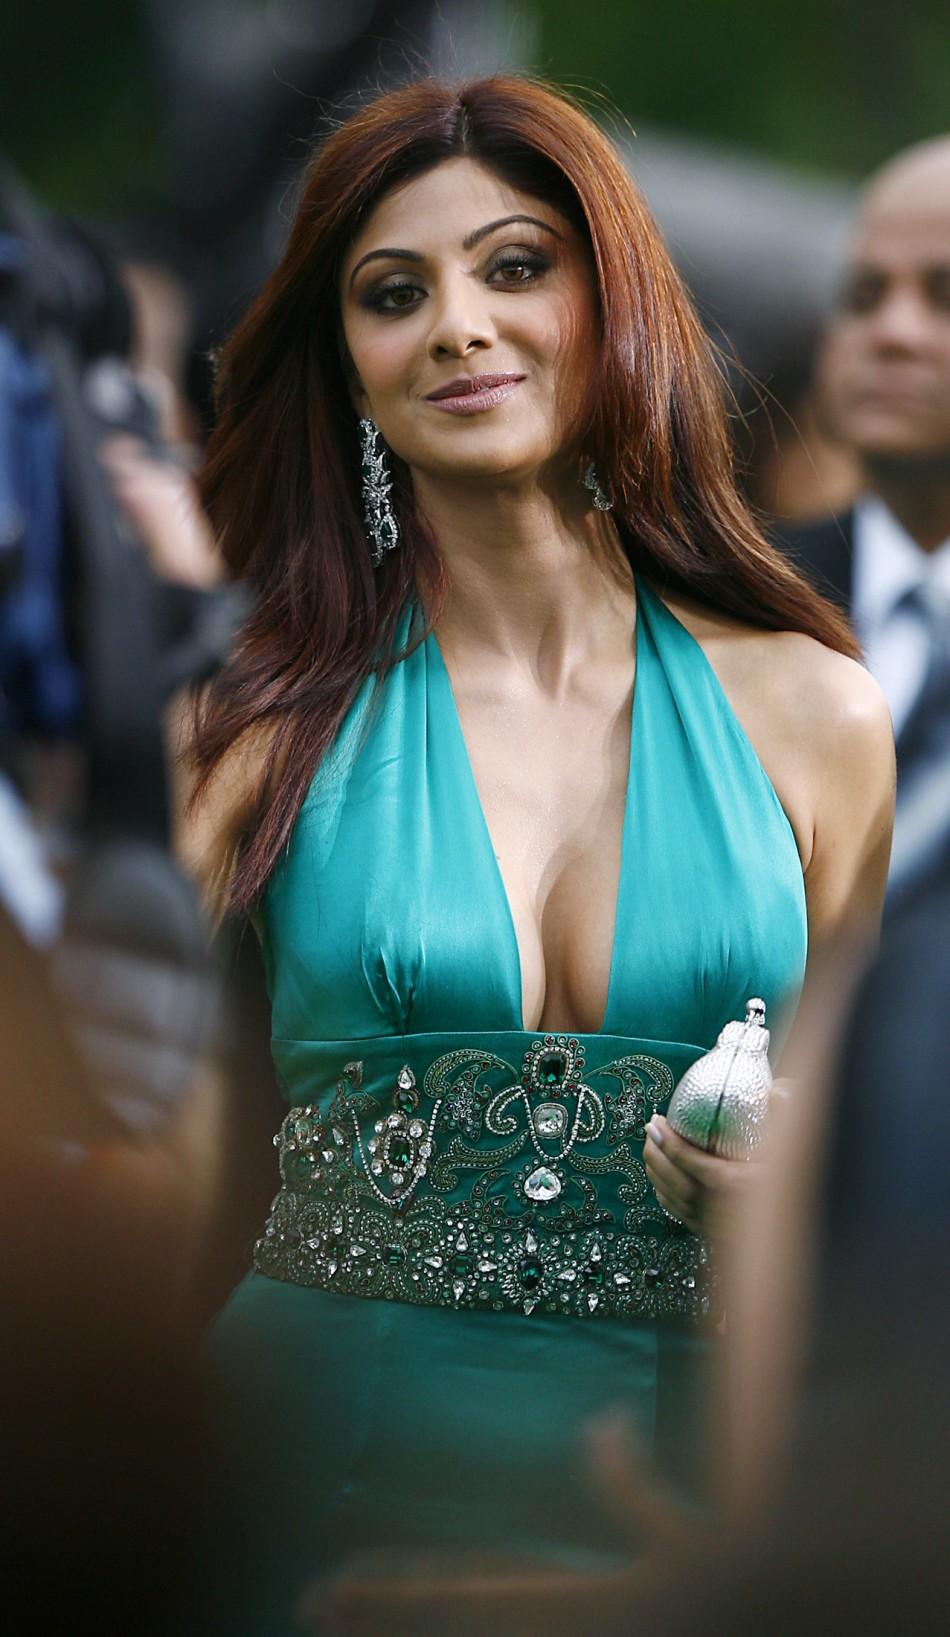 Very Bad Girl Wallpaper Bollywood Glam Girl Shilpa Shetty Pregnant Preparing For